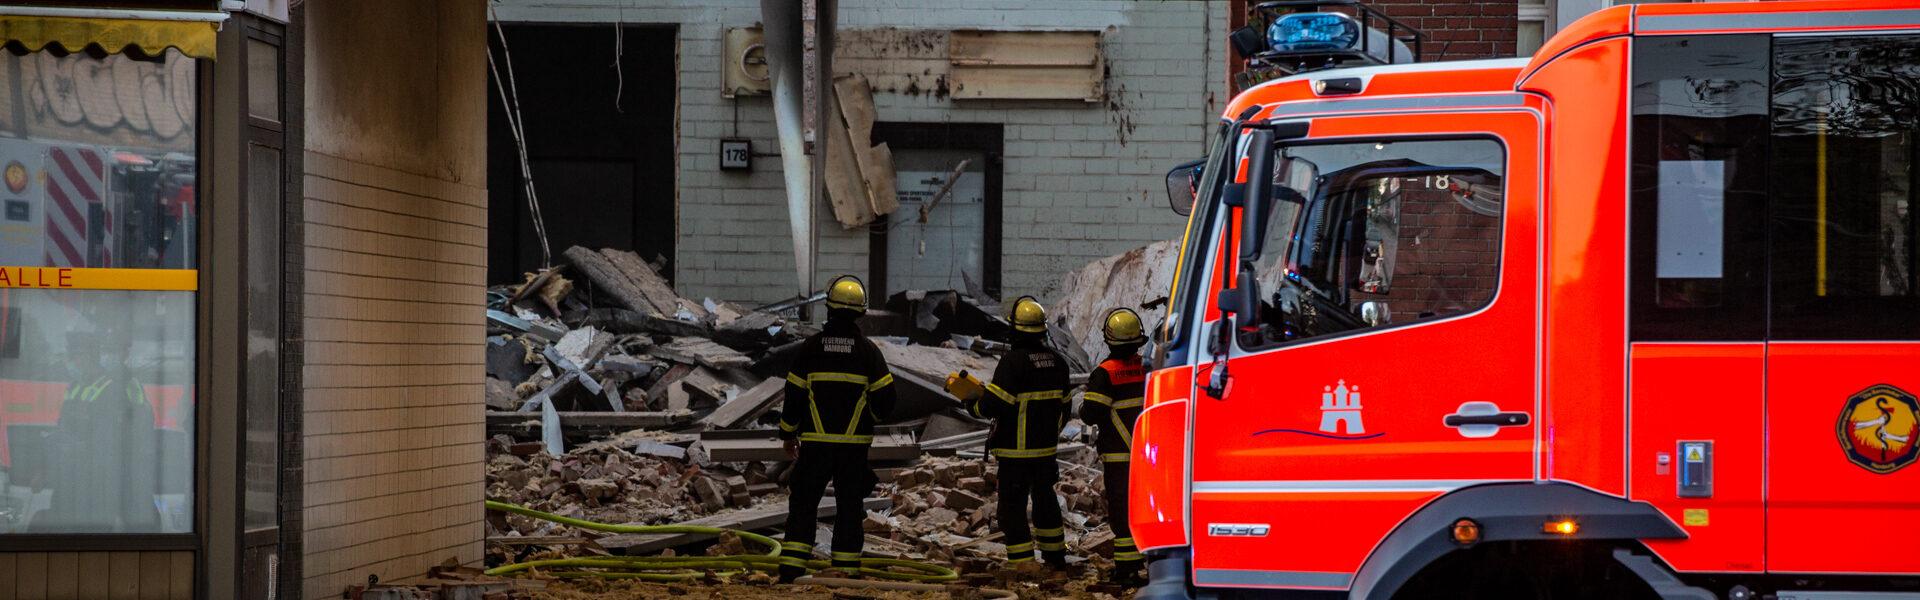 31.05.2021 – Schwere Explosion erschüttert Barmbek